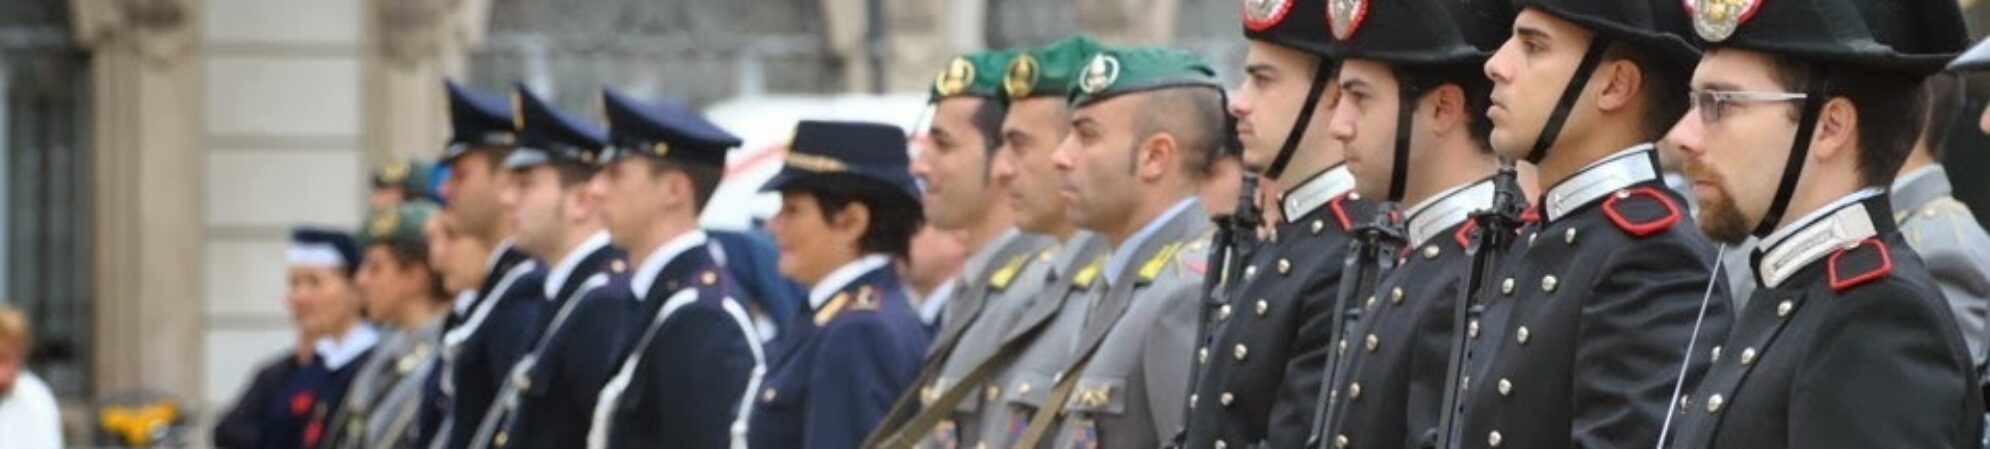 Notizie Corpi di Polizia e Militari